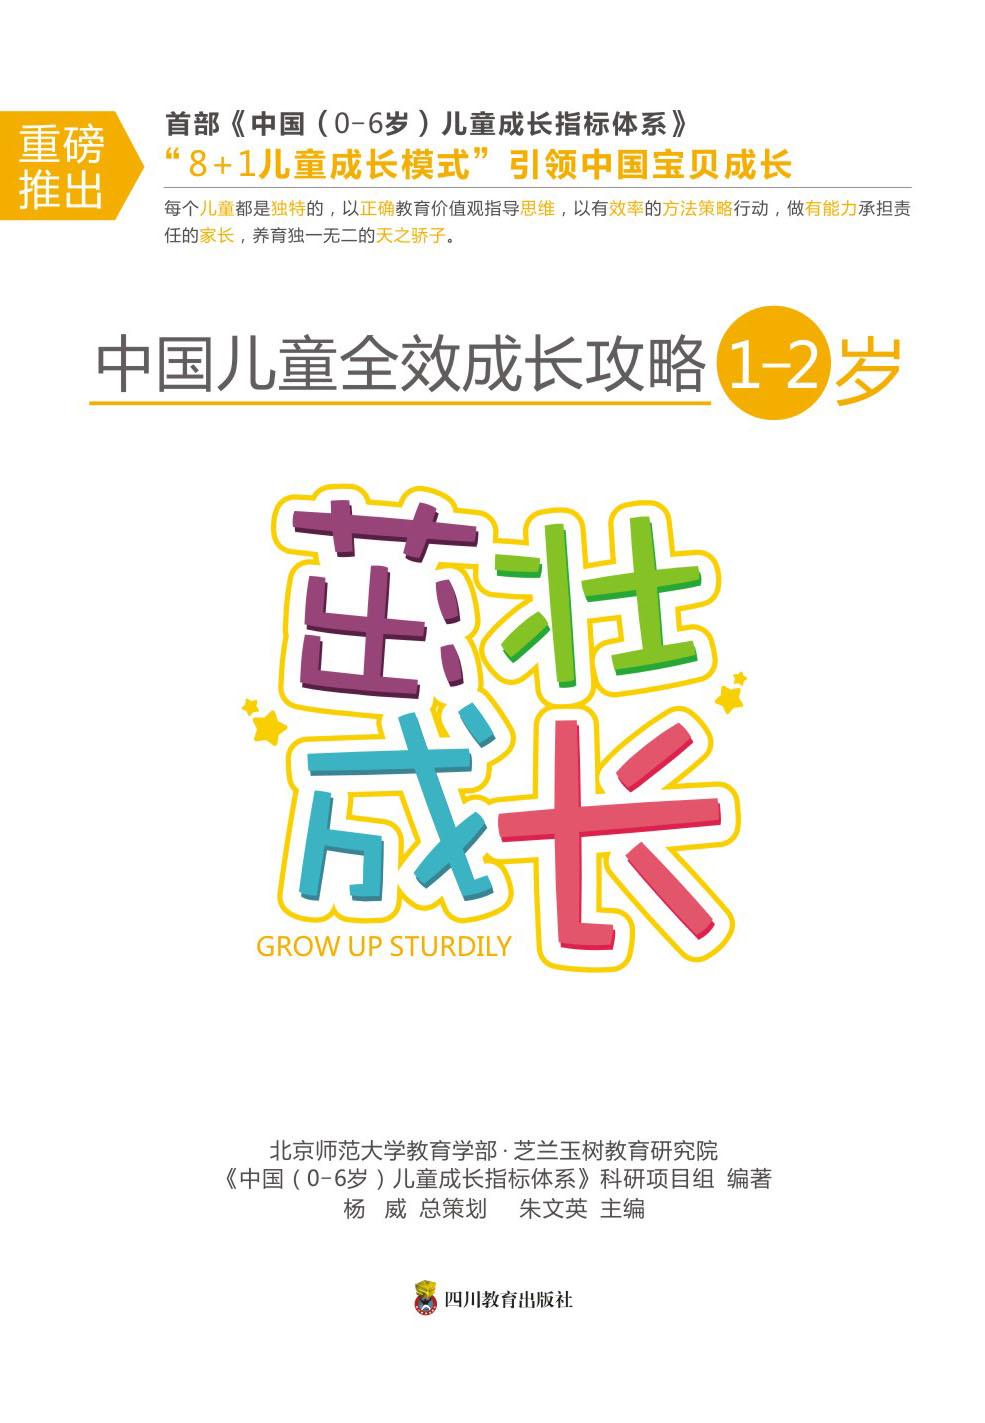 中国儿童亚博体育app官方下载苹果yabosports官网攻略·(1-2岁)茁壮yabosports官网